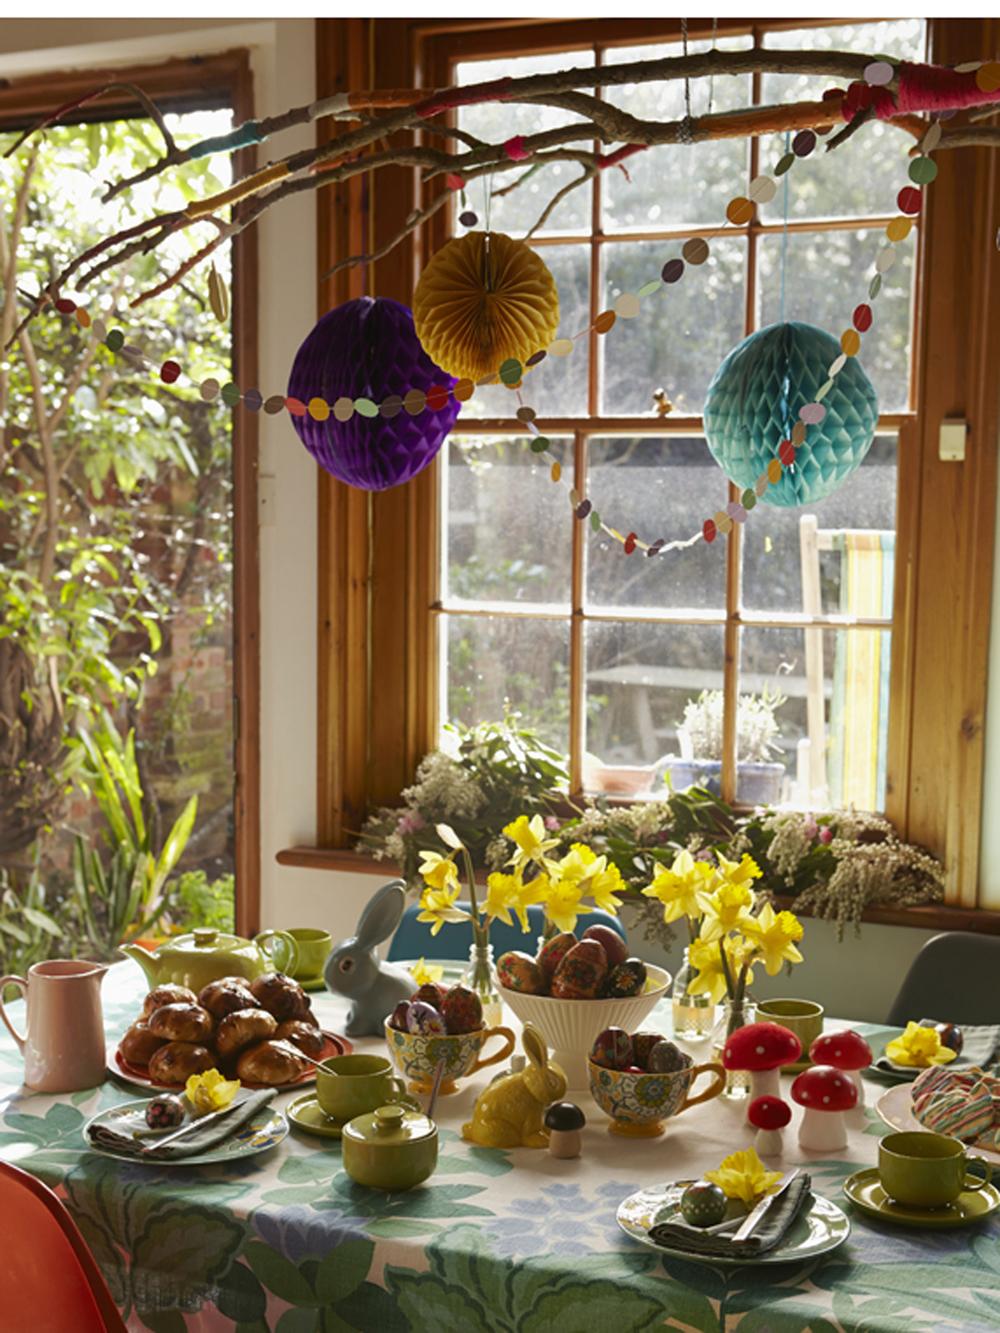 Hannah's Easter Table